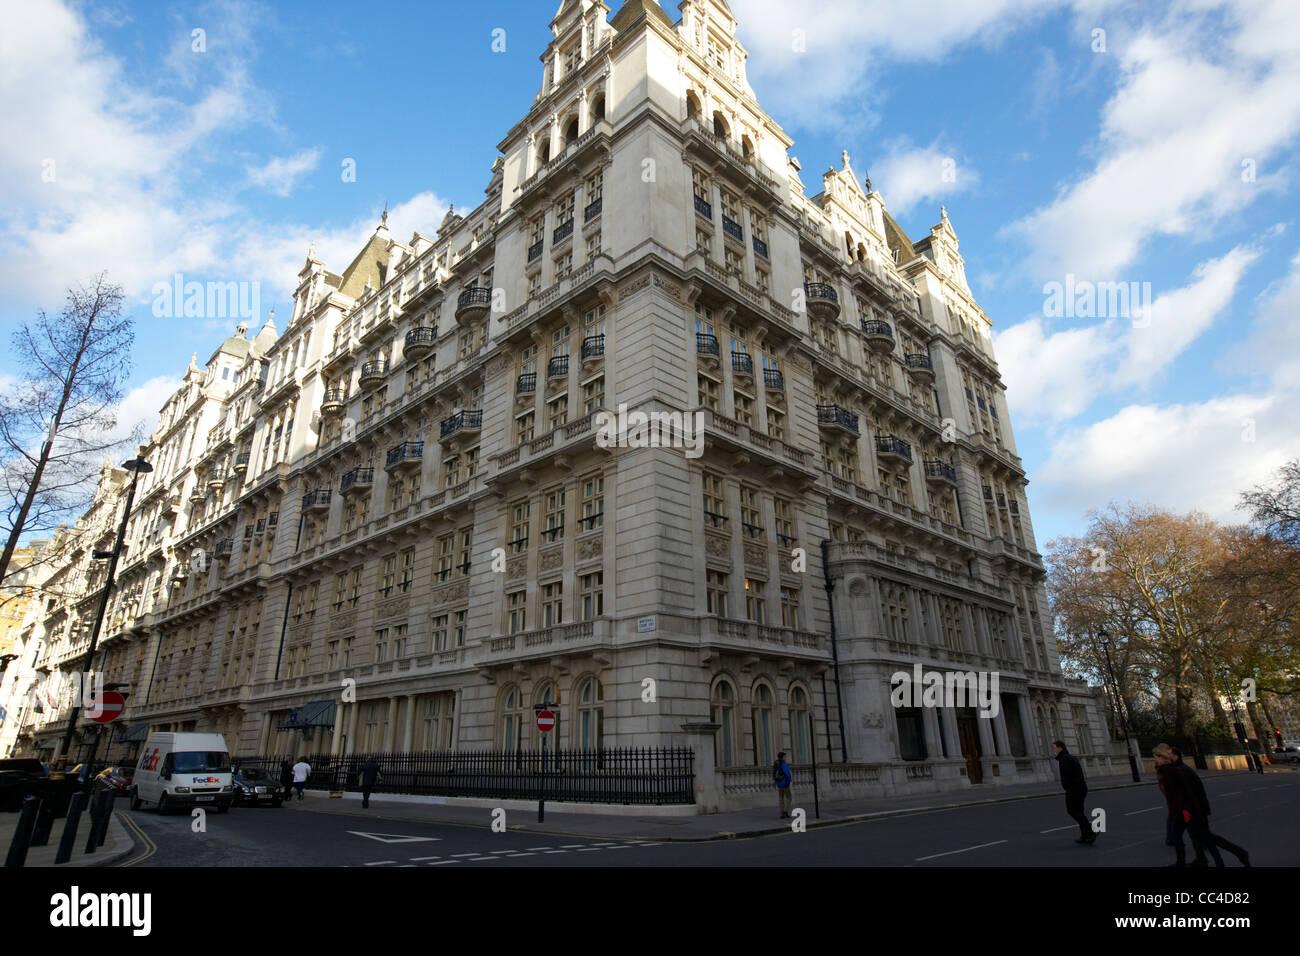 whitehall court building horse guards avenue London England UK United kingdom - Stock Image